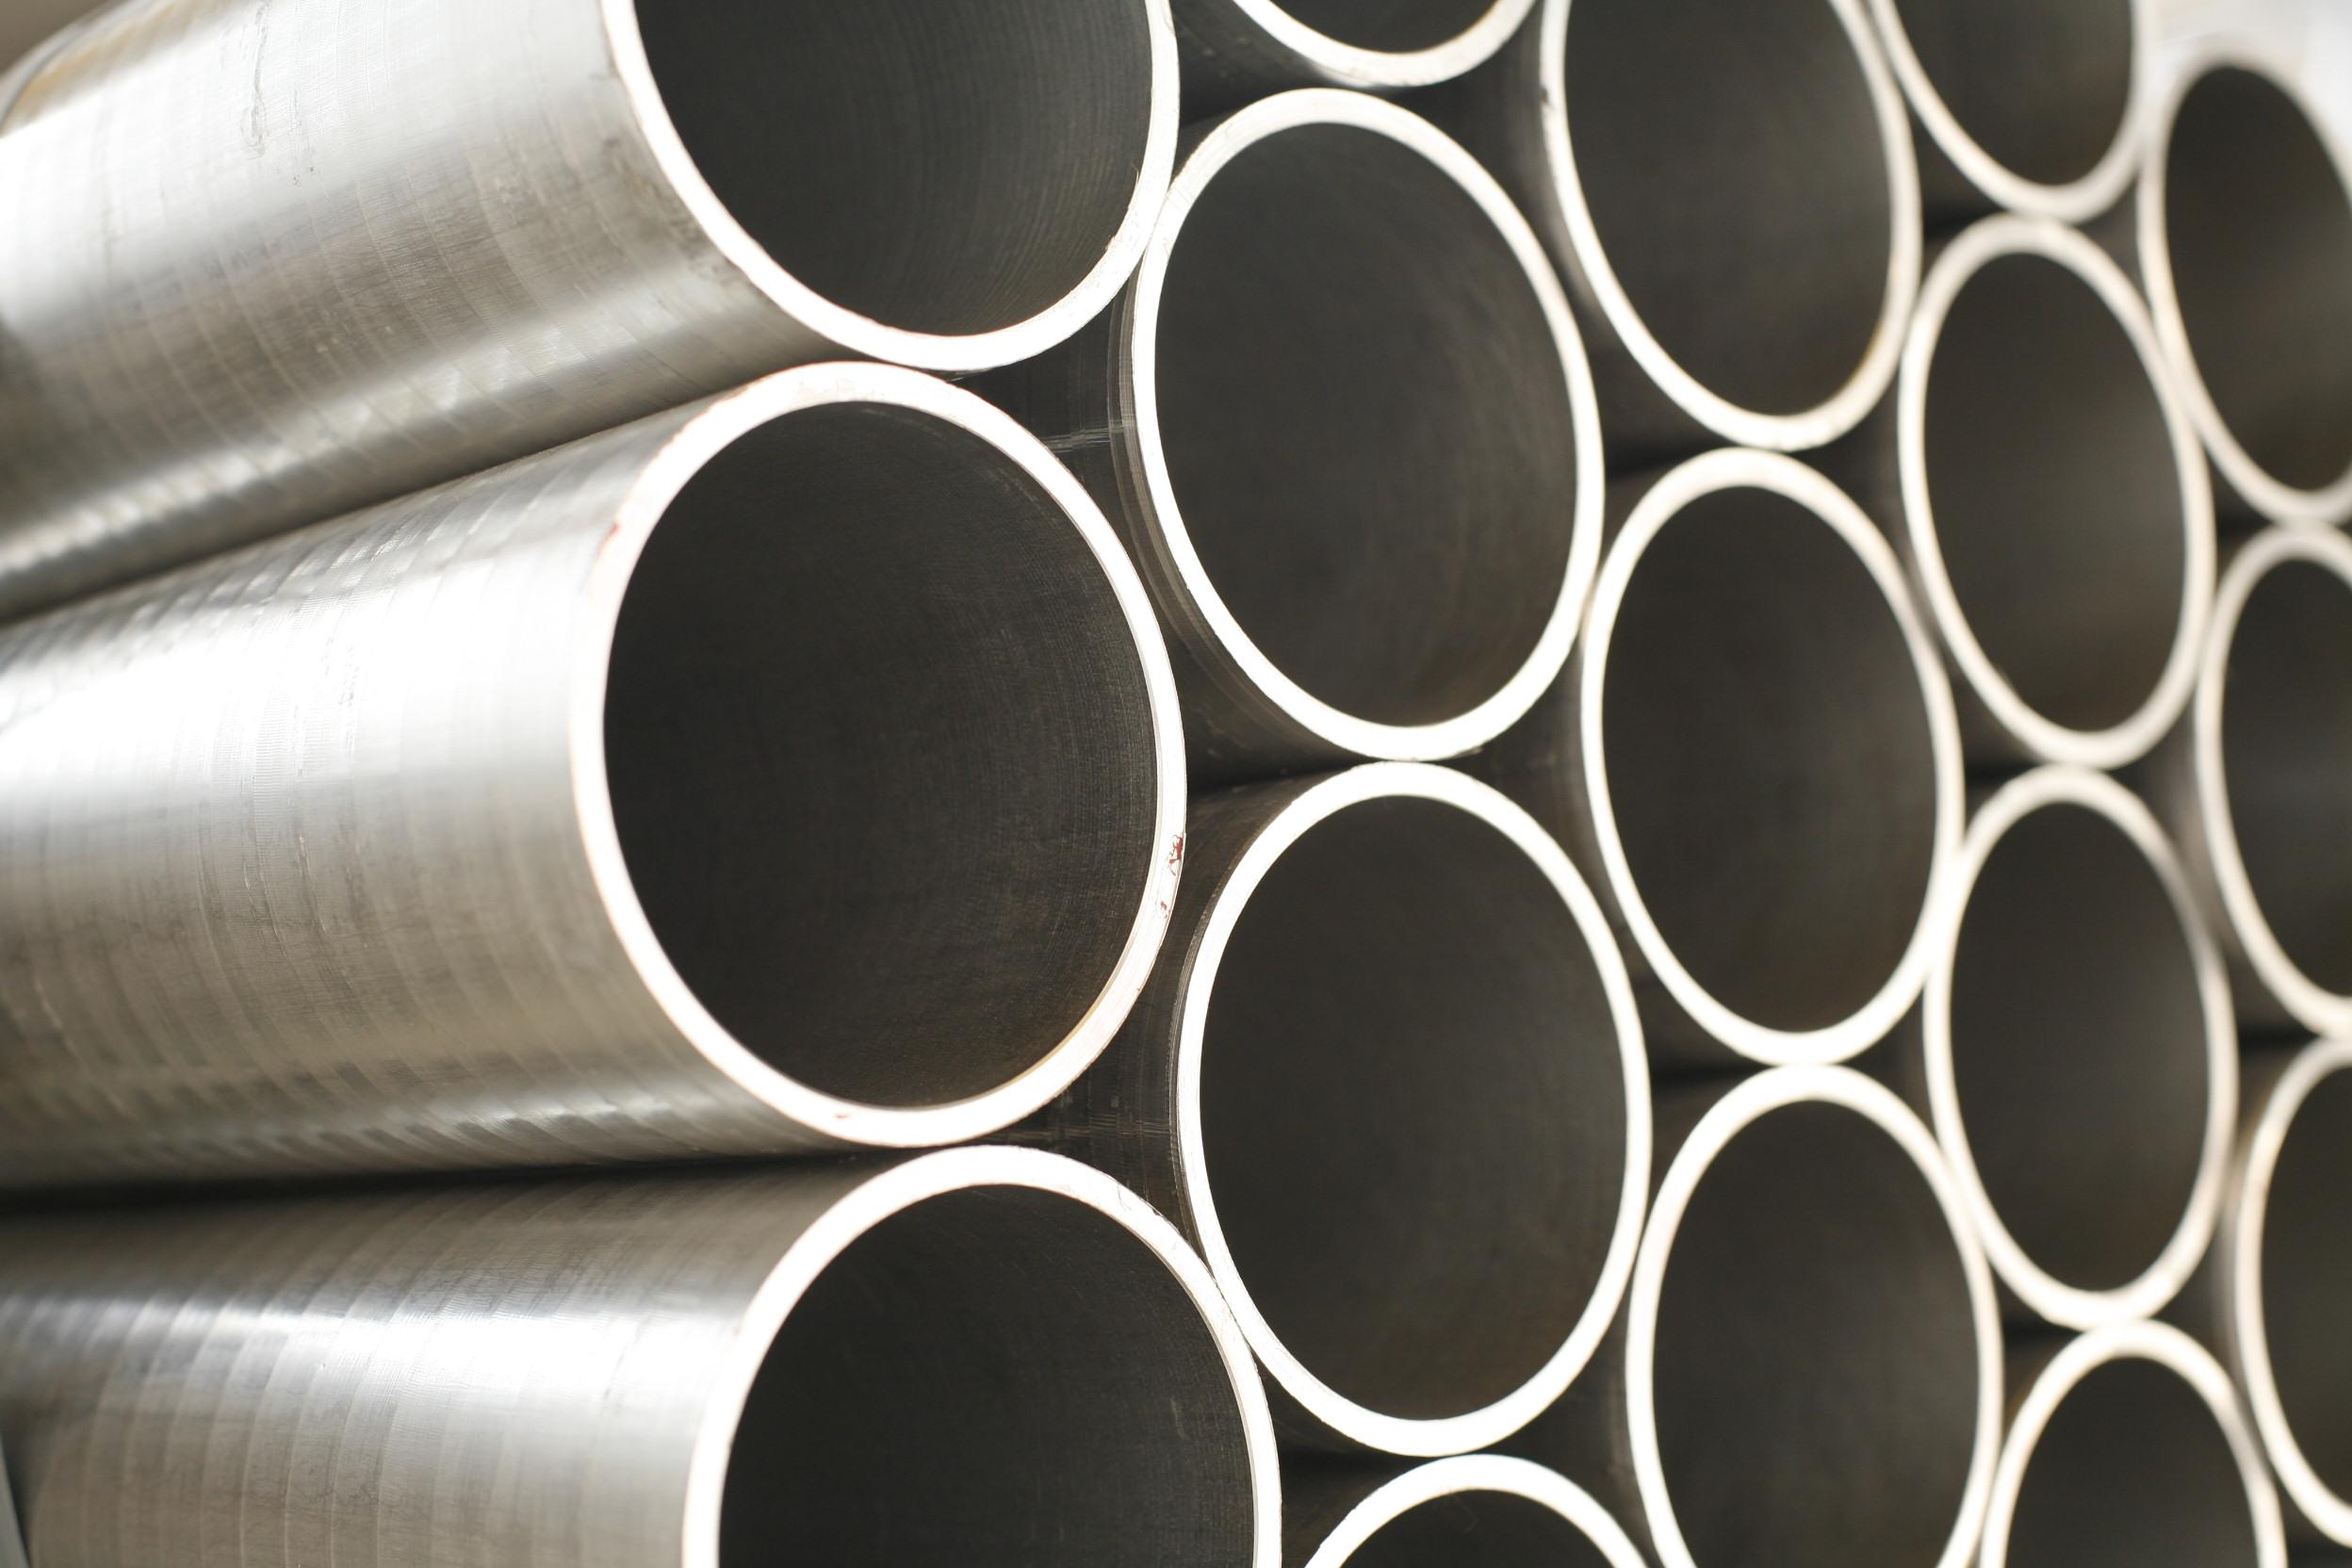 №4727 Бесшовные трубы (нержавеющая сталь) от завода производителя